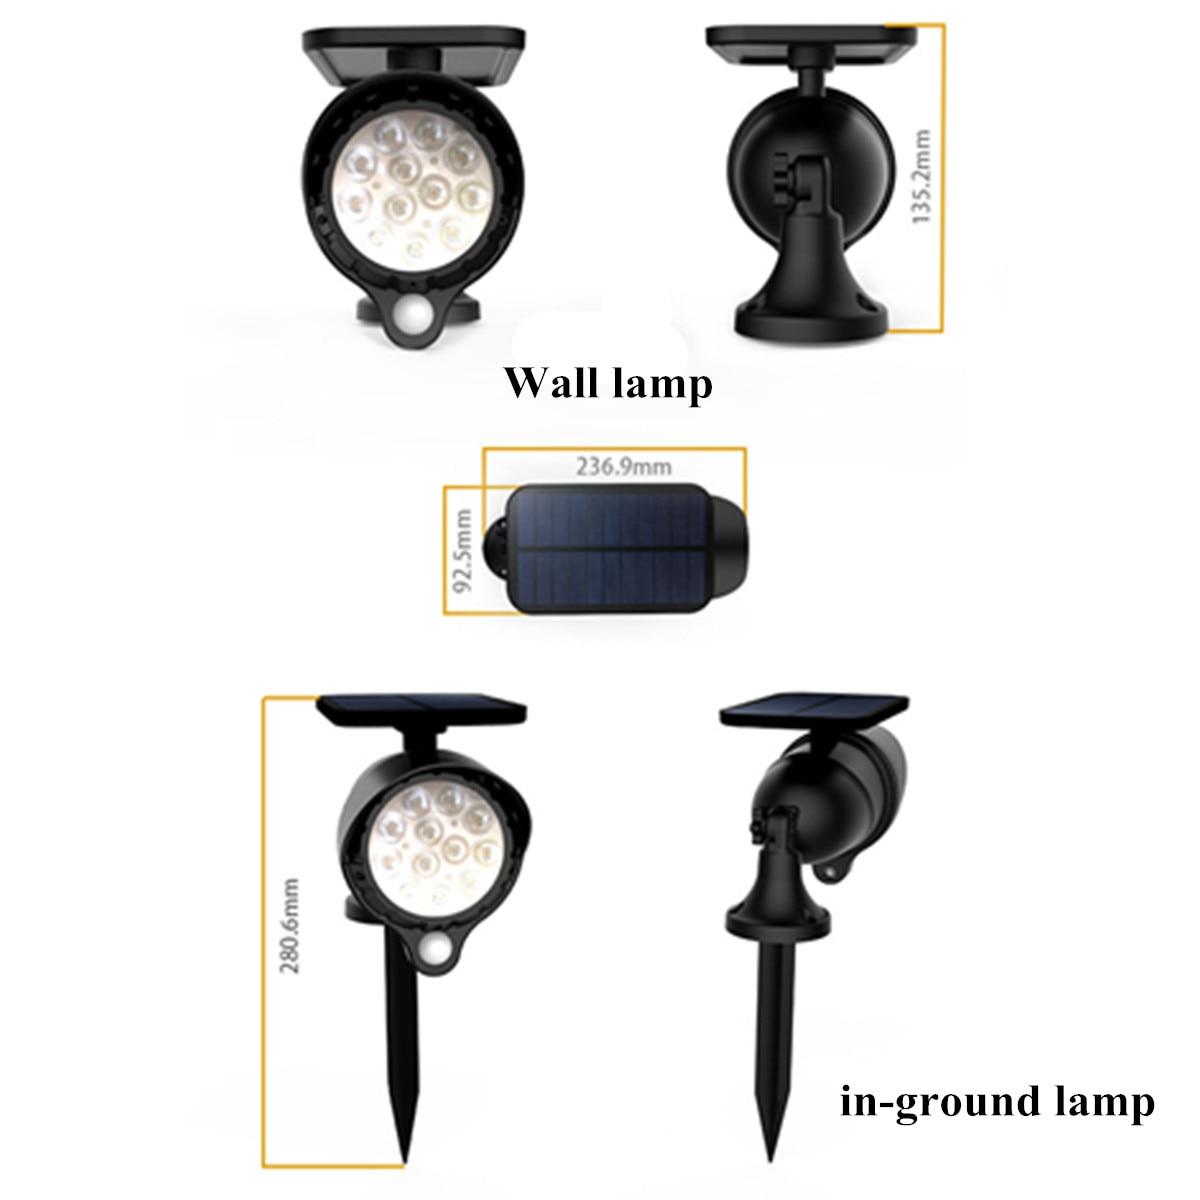 Светодиодный светильник на солнечной батарее, датчик движения PIR, настенный светильник, наружный водонепроницаемый энергосберегающий свет... - 3